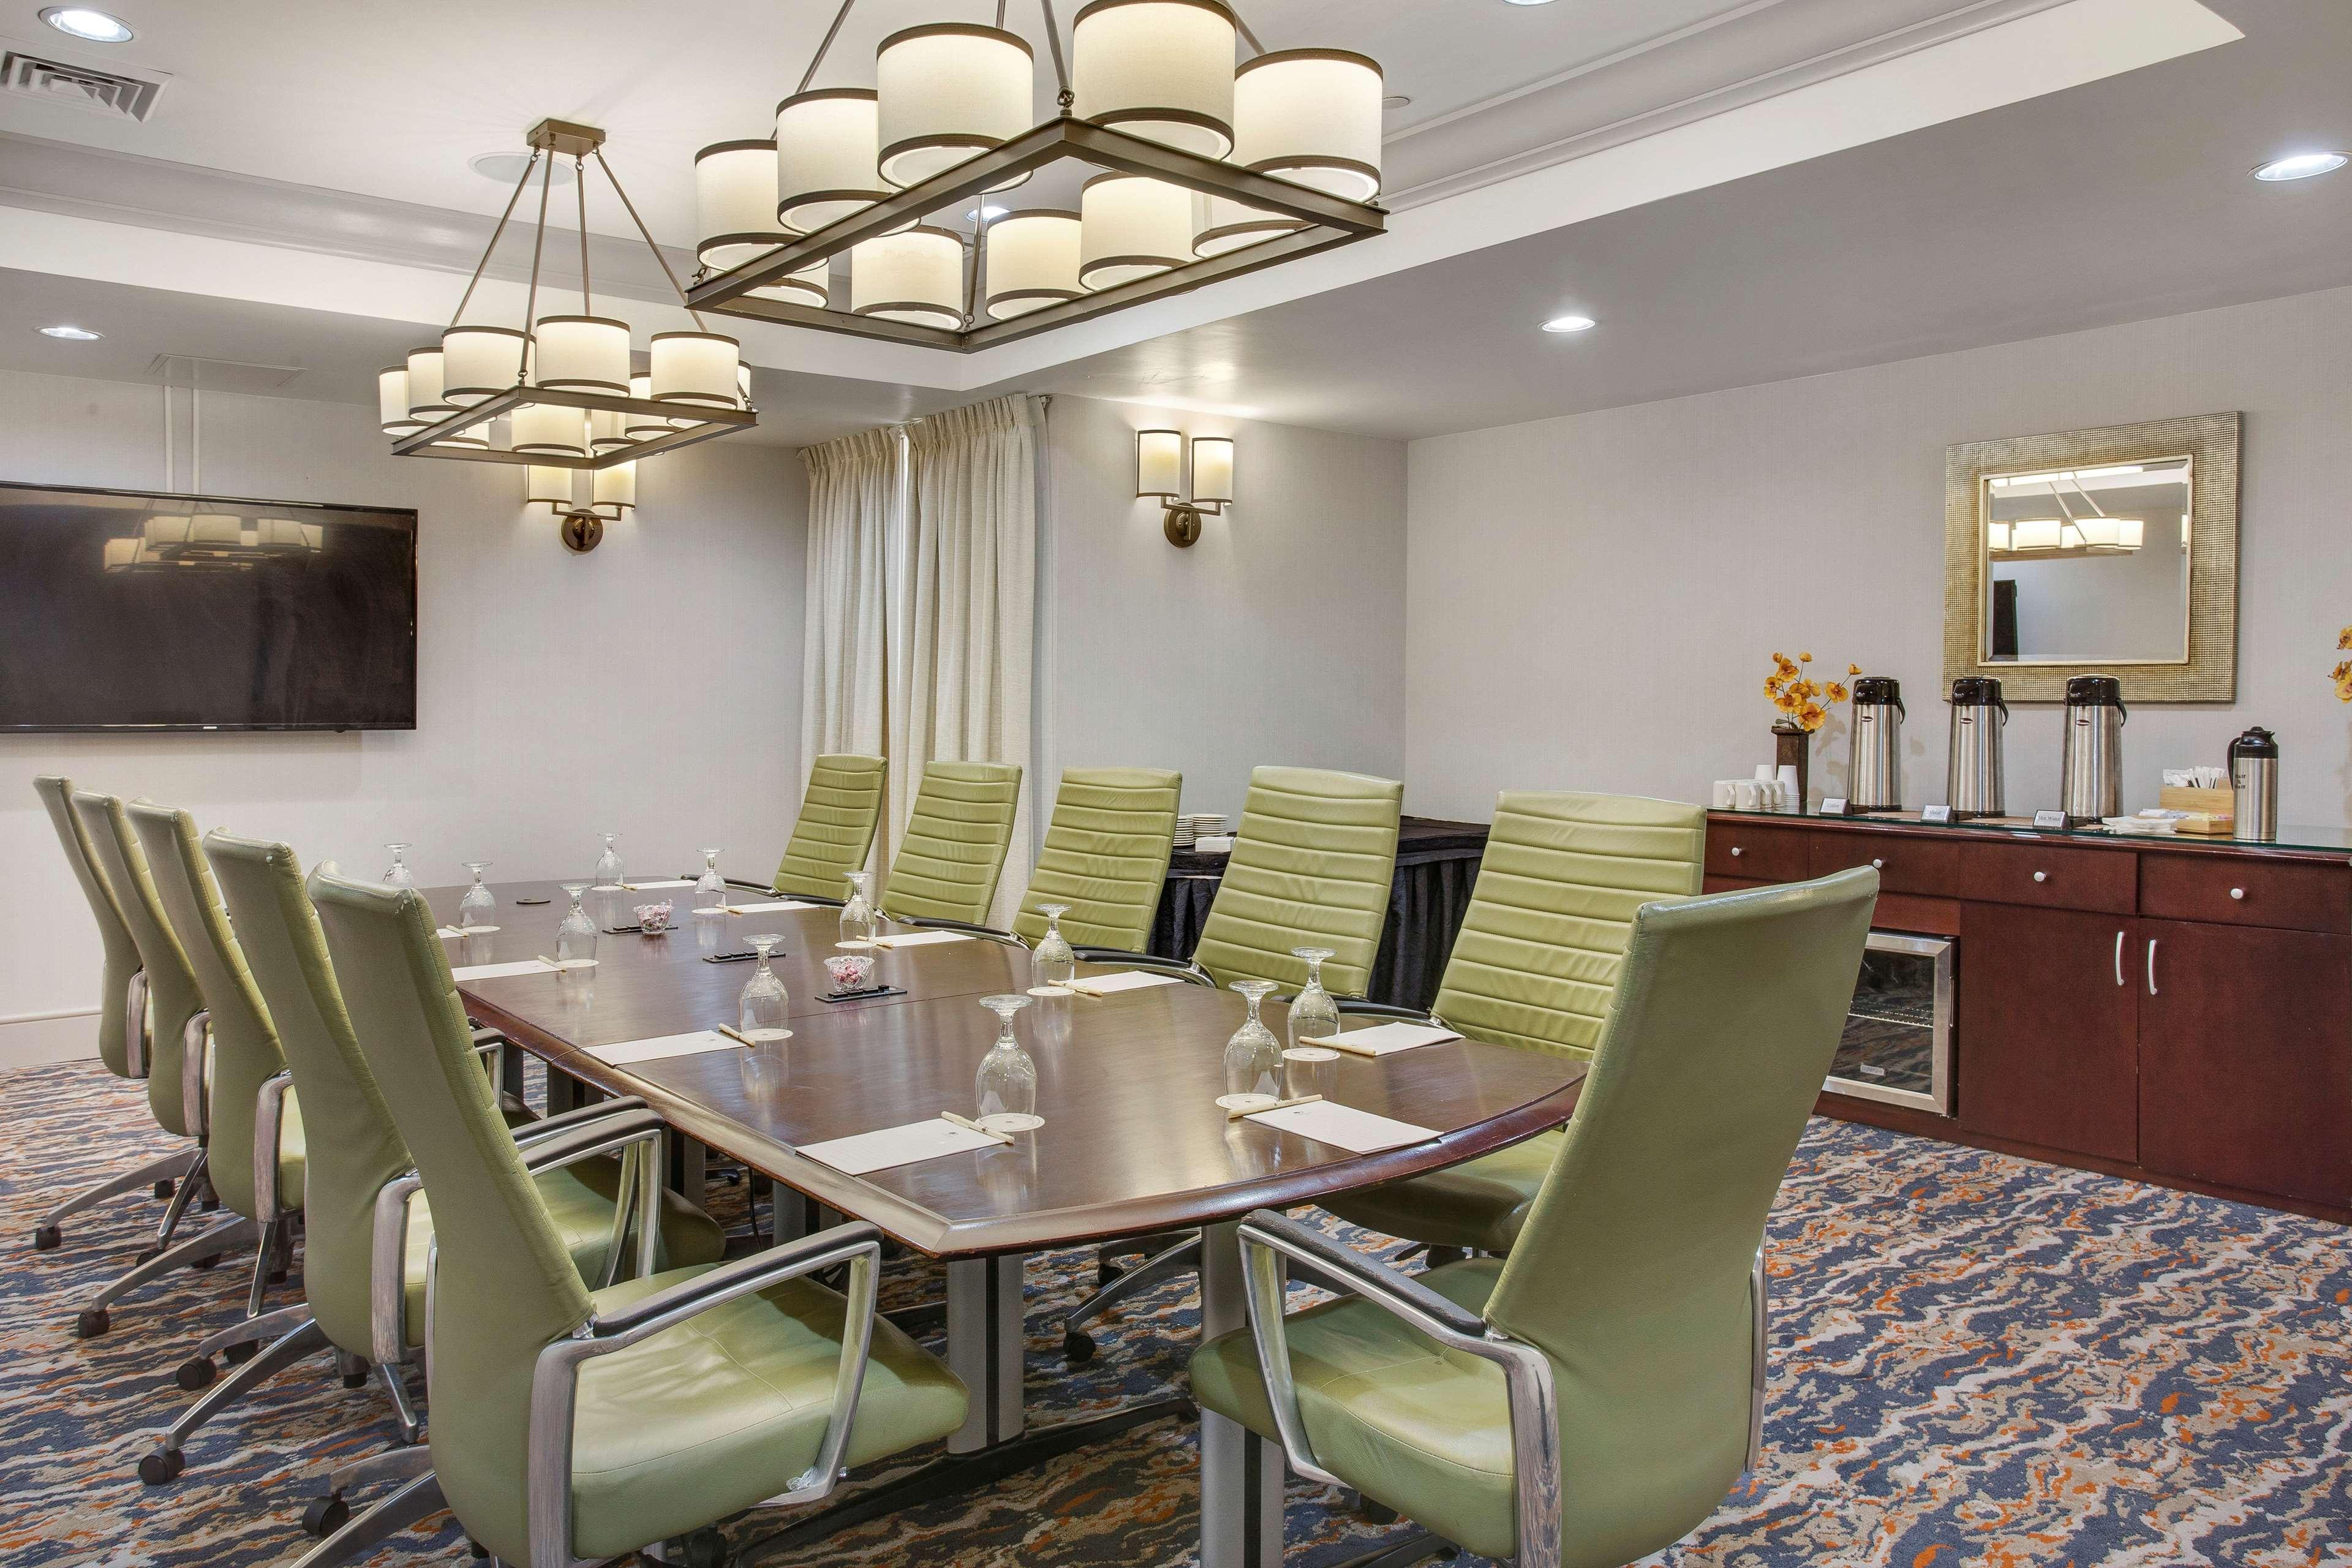 DoubleTree by Hilton Hotel Little Rock image 37